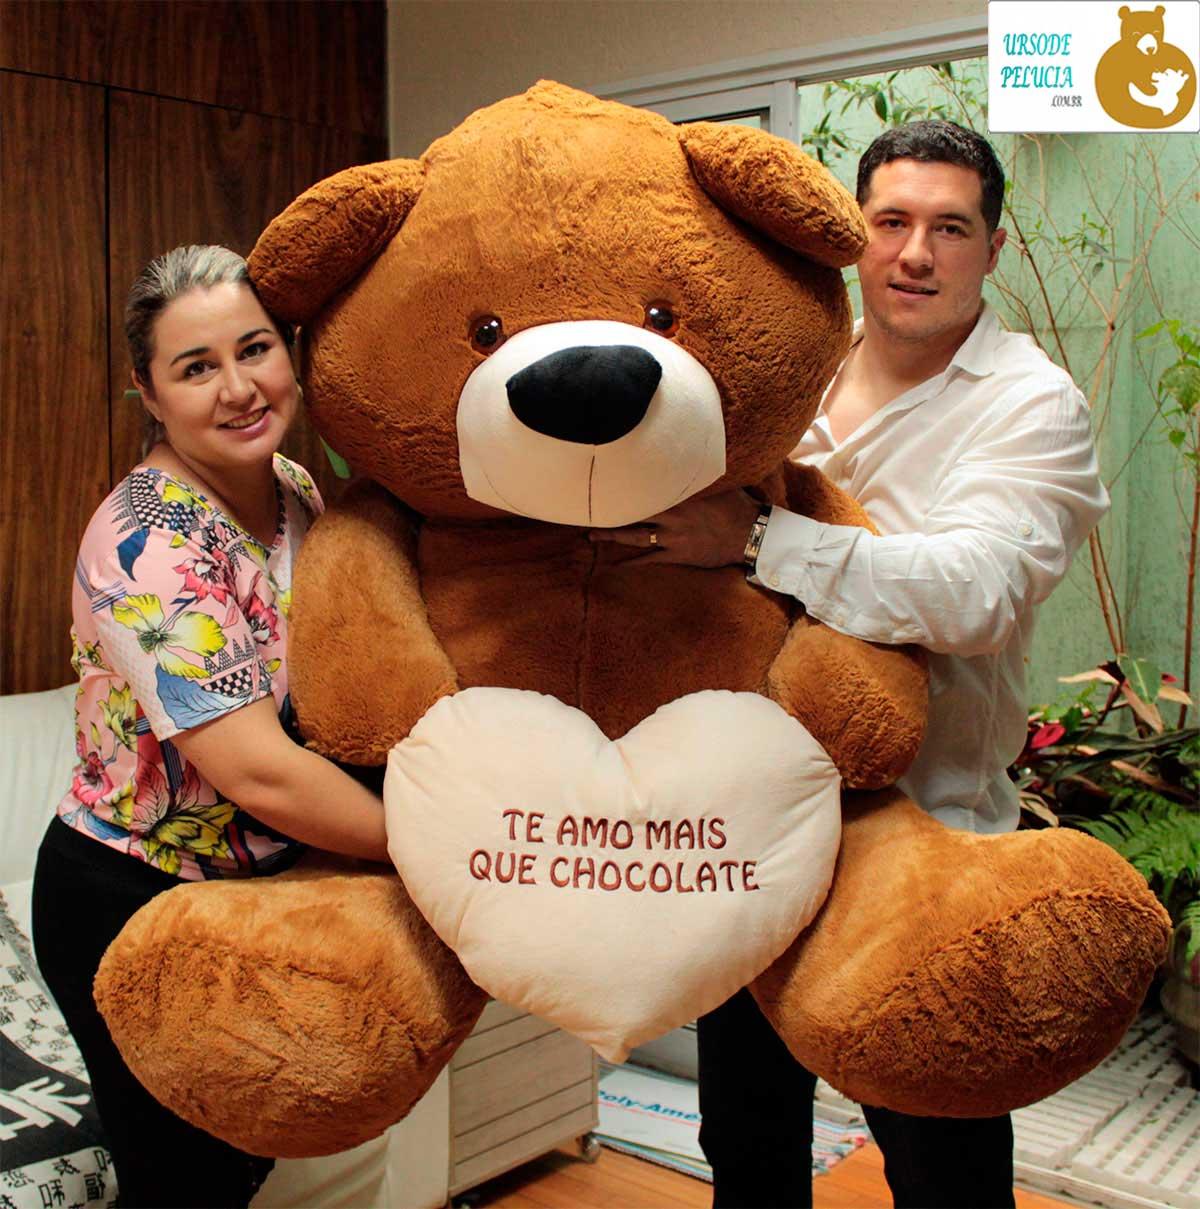 Urso de Pelúcia BIG Teddy Marrom Café Gigante Grande 1,30 metros ou 130cm de largura + Coração Te Amo Mais que Chocolate! Este é O presente ideal para os casais mais apaixonados!